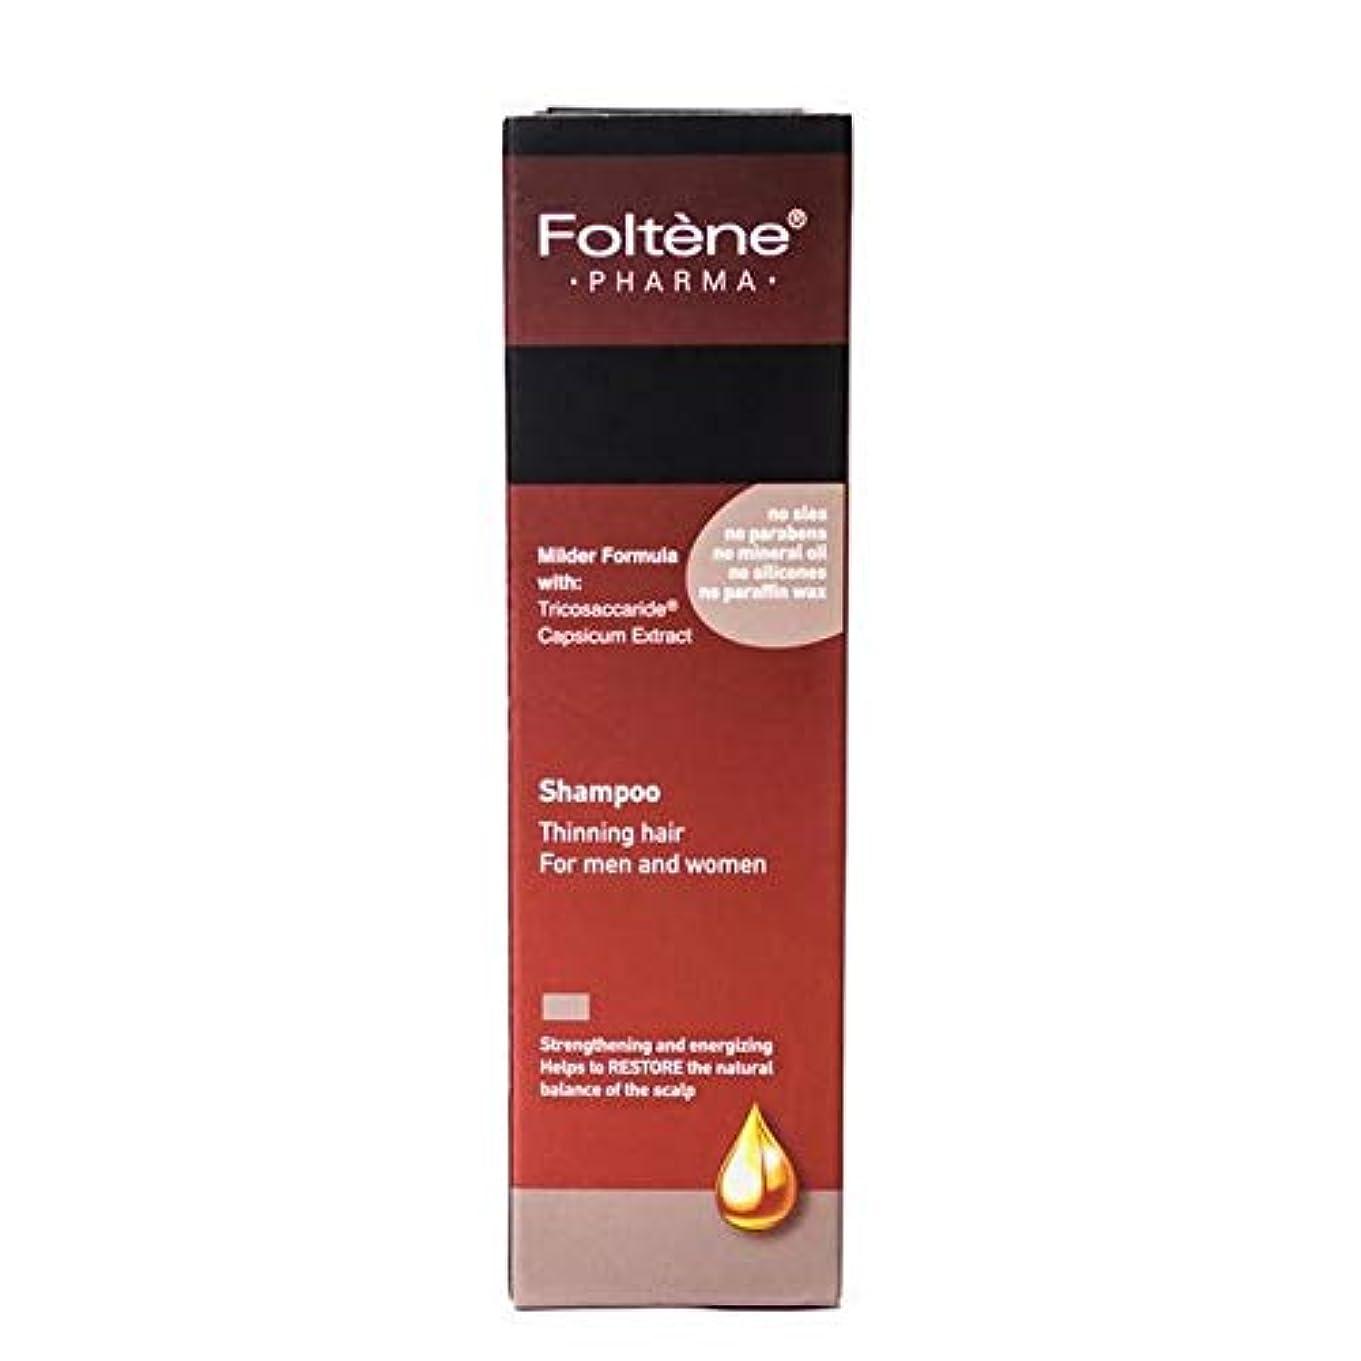 争うピッチャーうめき[Foltene] 髪、男性&女性200ミリリットルを薄くするためのFolteneシャンプー - Foltene Shampoo for Thinning Hair, Men & Women 200ml [並行輸入品]